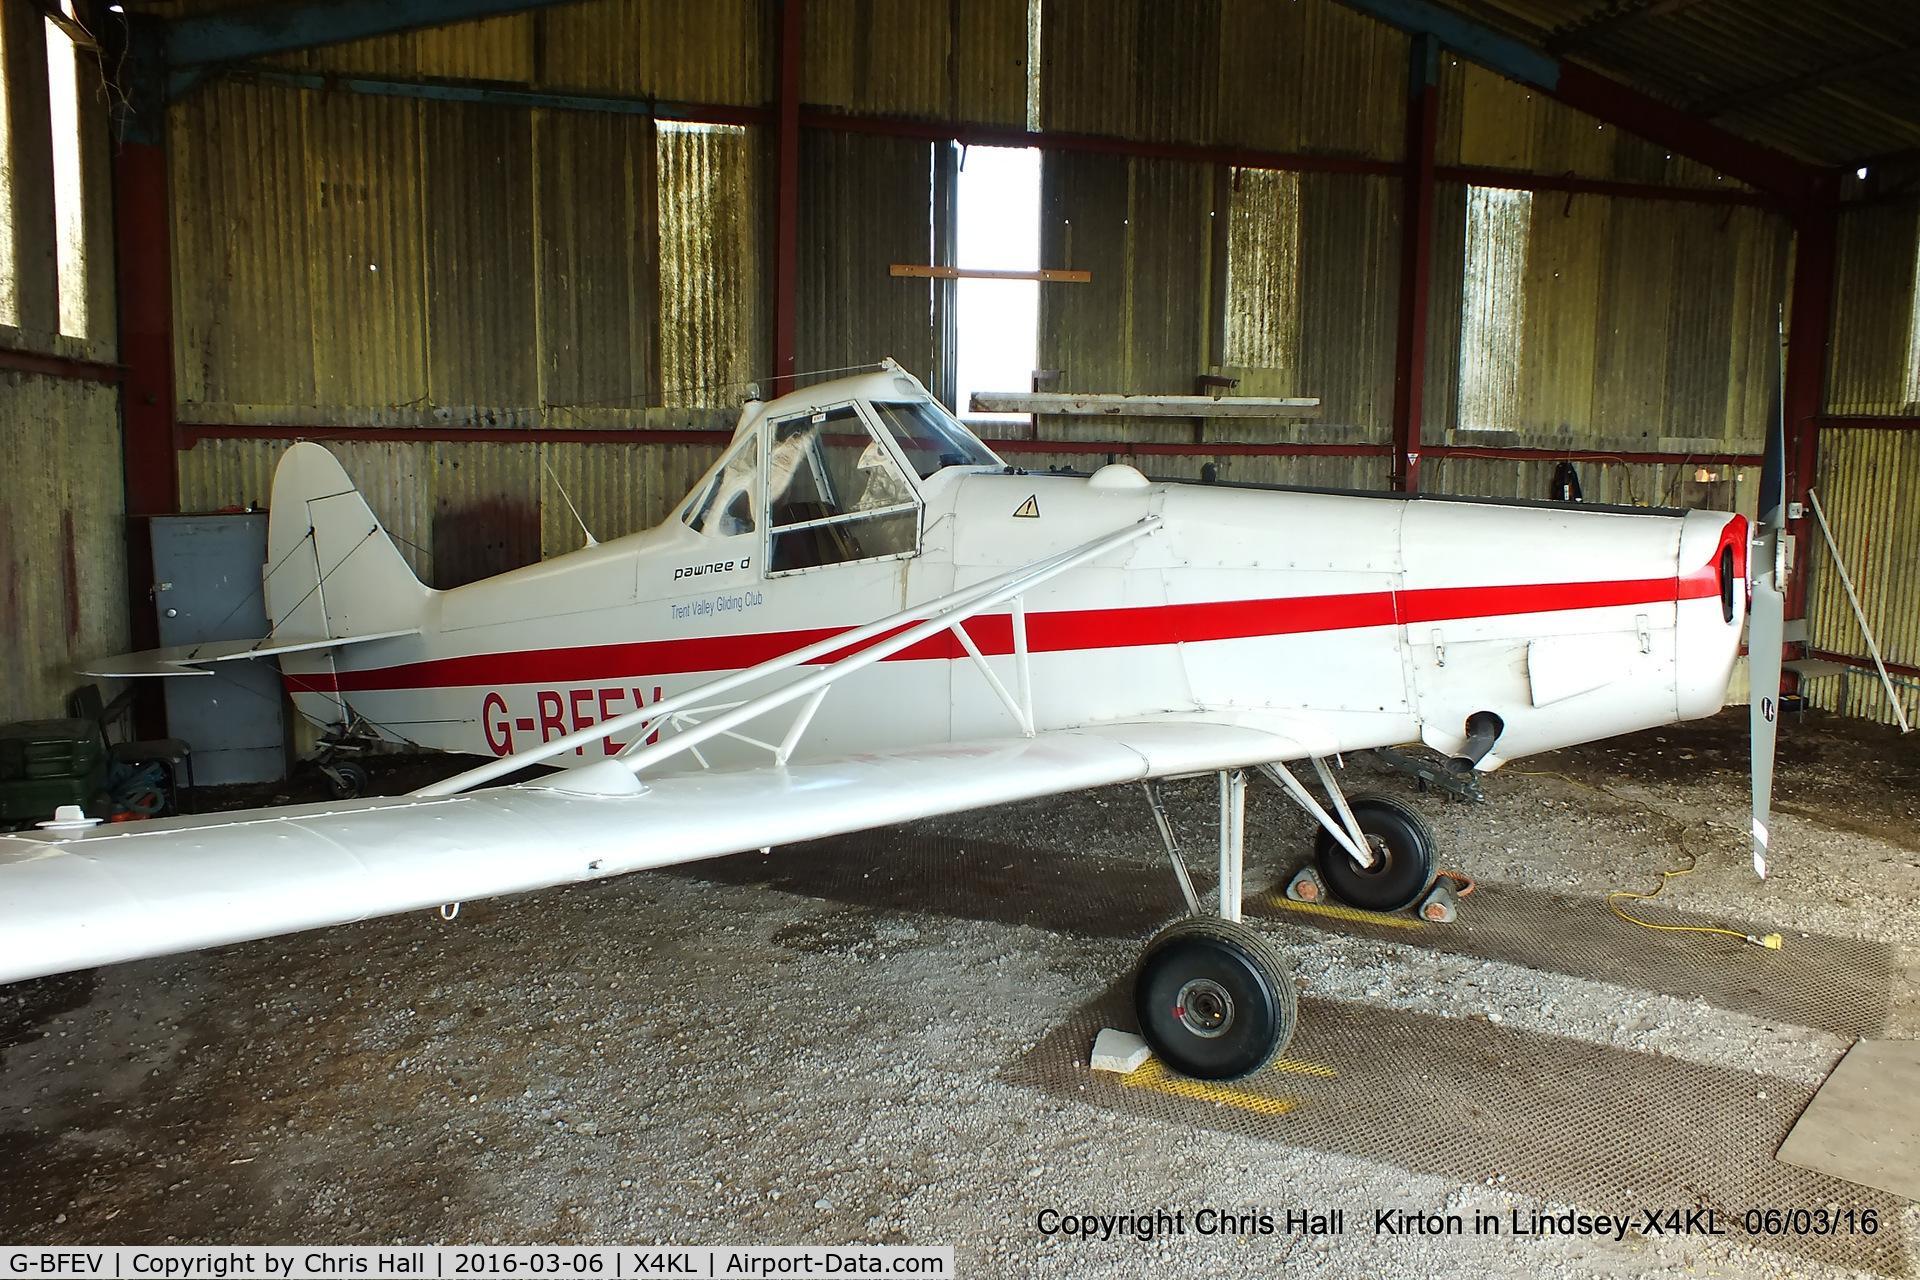 G-BFEV, 1977 Piper PA-25-235 Pawnee C/N 25-7756060, at Kirton in Lyndsey